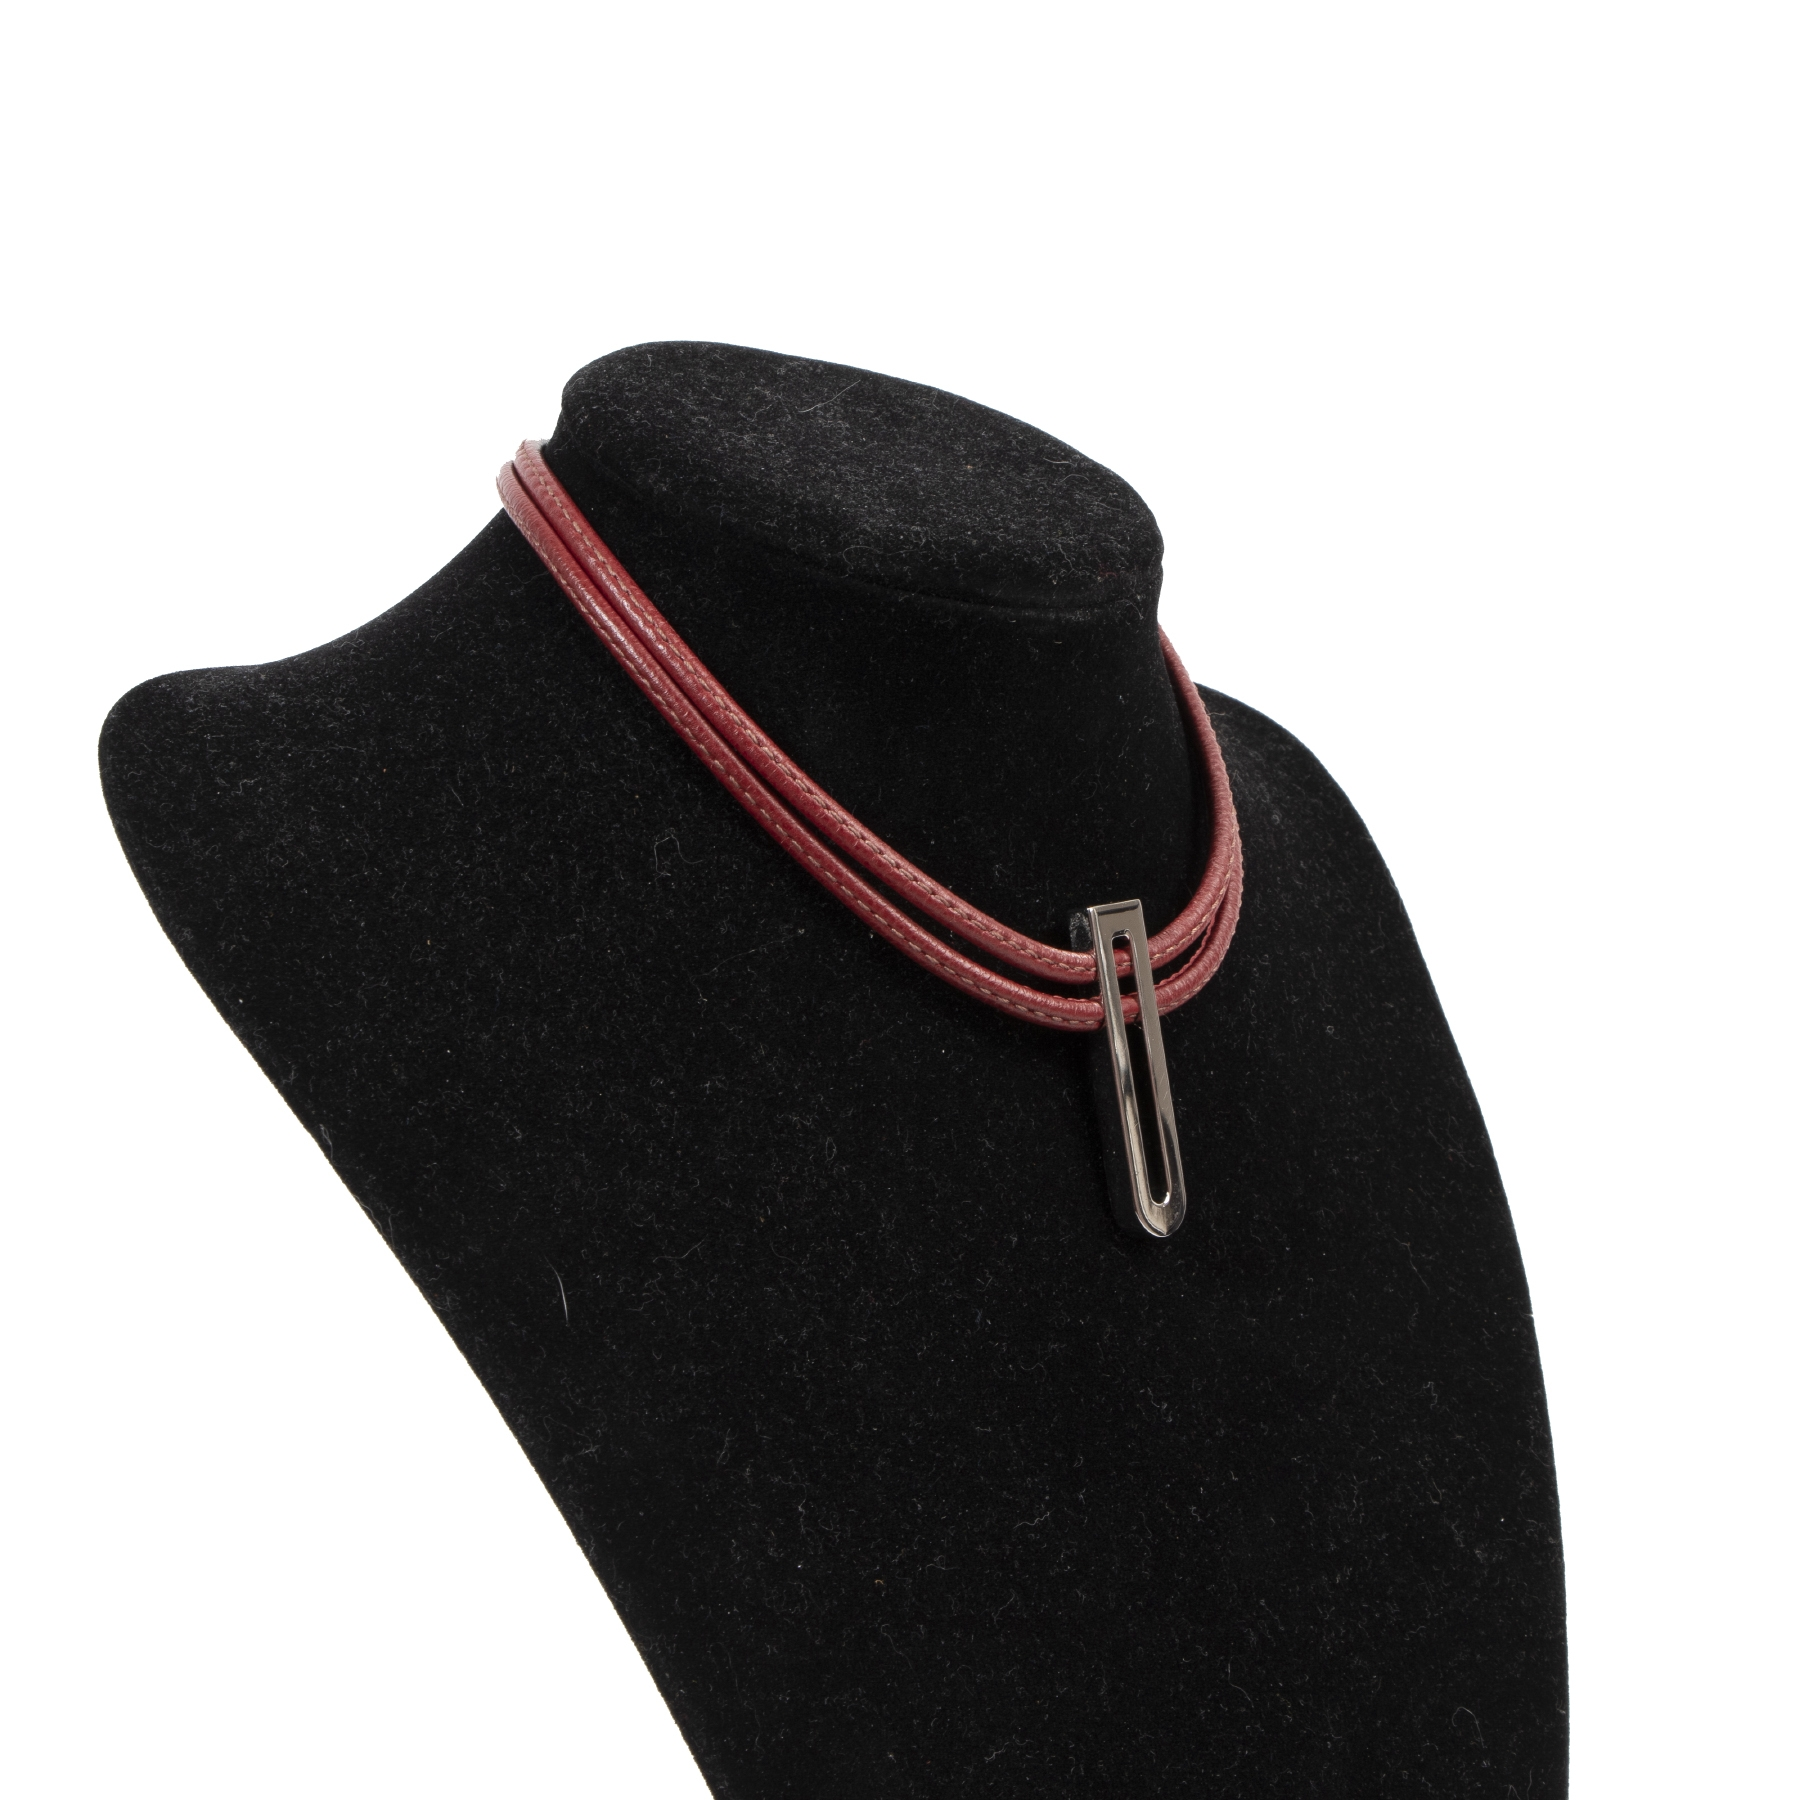 Delvaux Red Leather Necklace kopen en verkopen aan de beste prijs